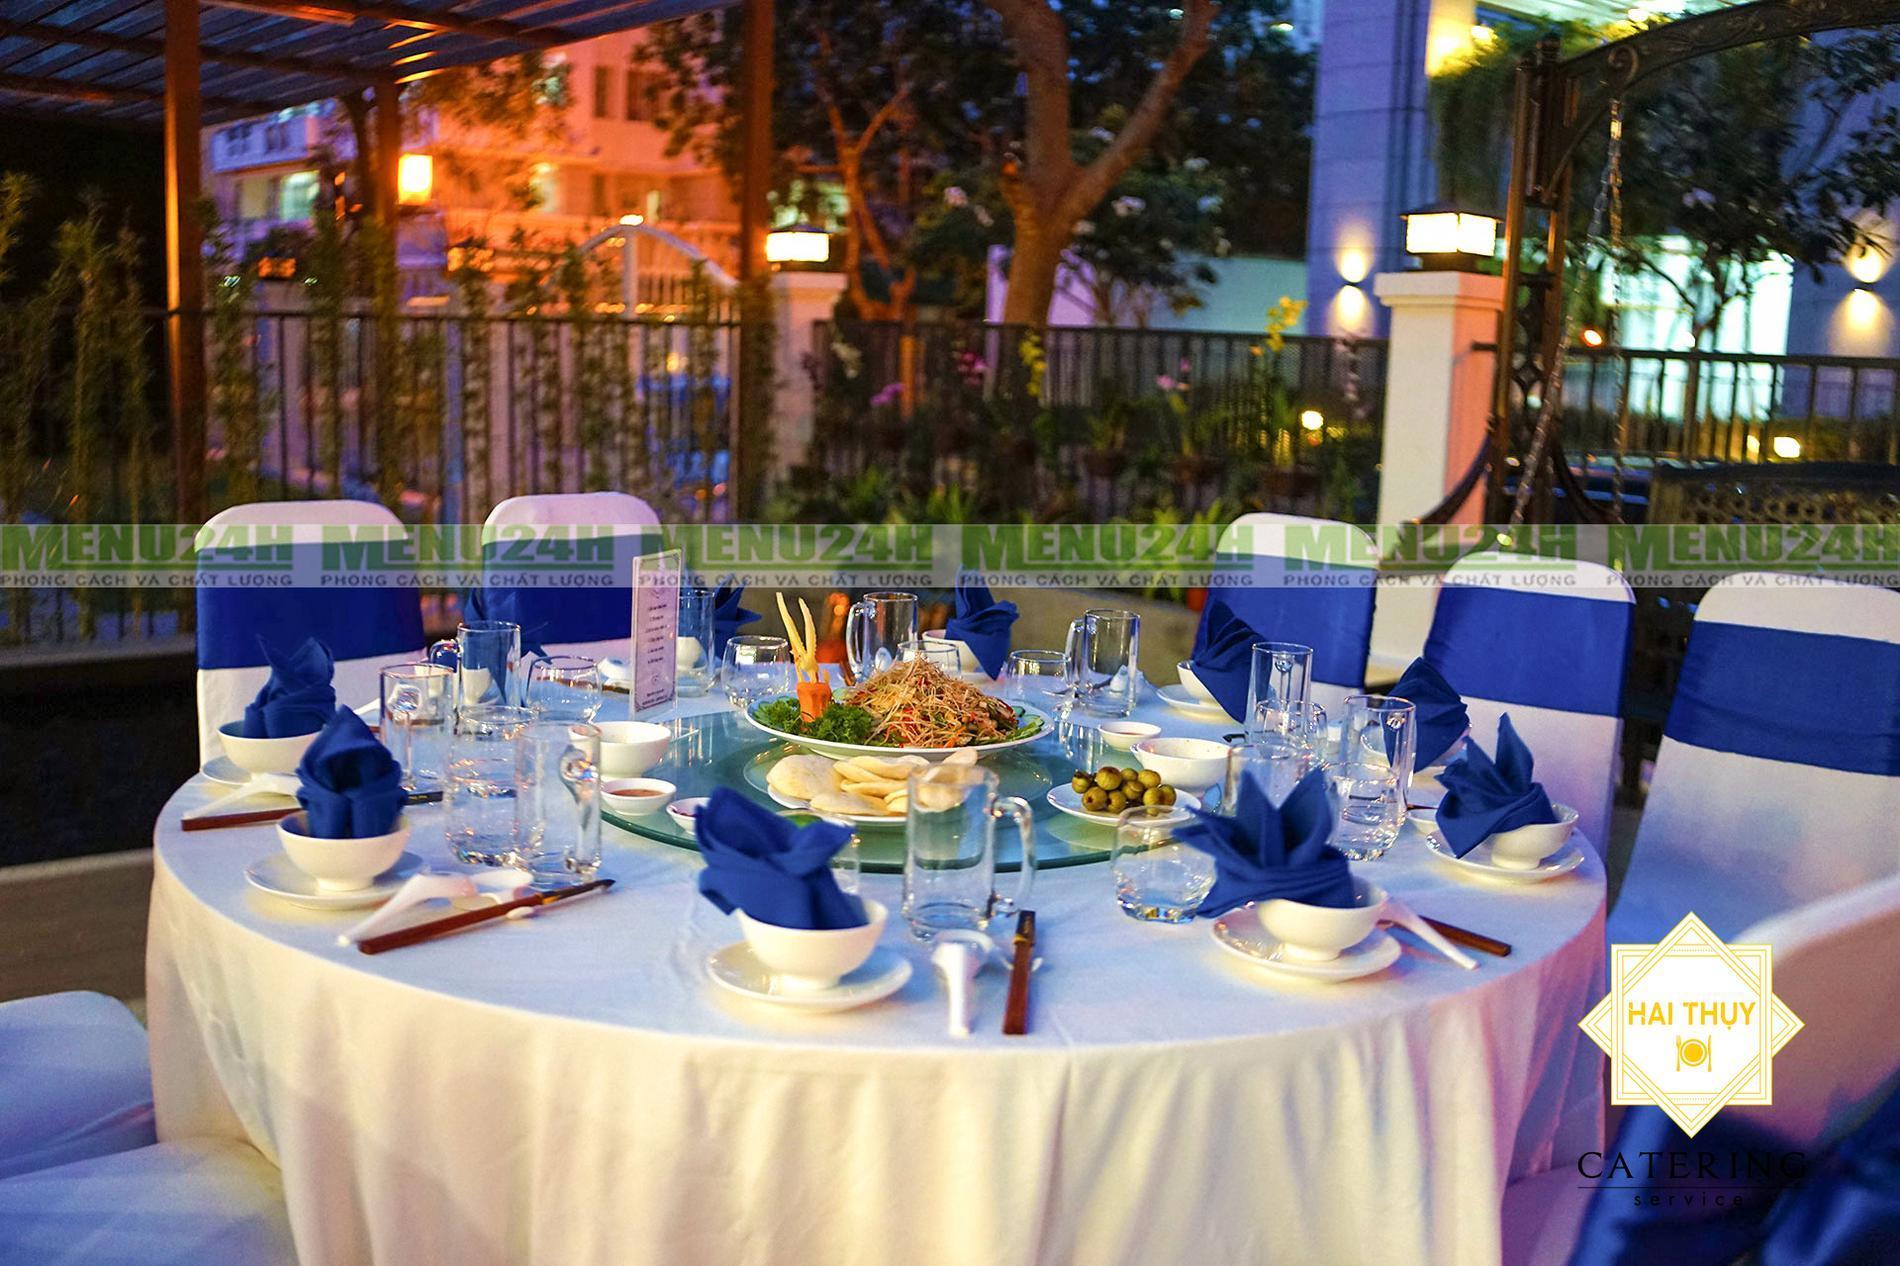 Dịch vụ nấu tiệc Thủ Đức - Tiệc cao cấp tận nơi chỉ với 3 bàn tiệc